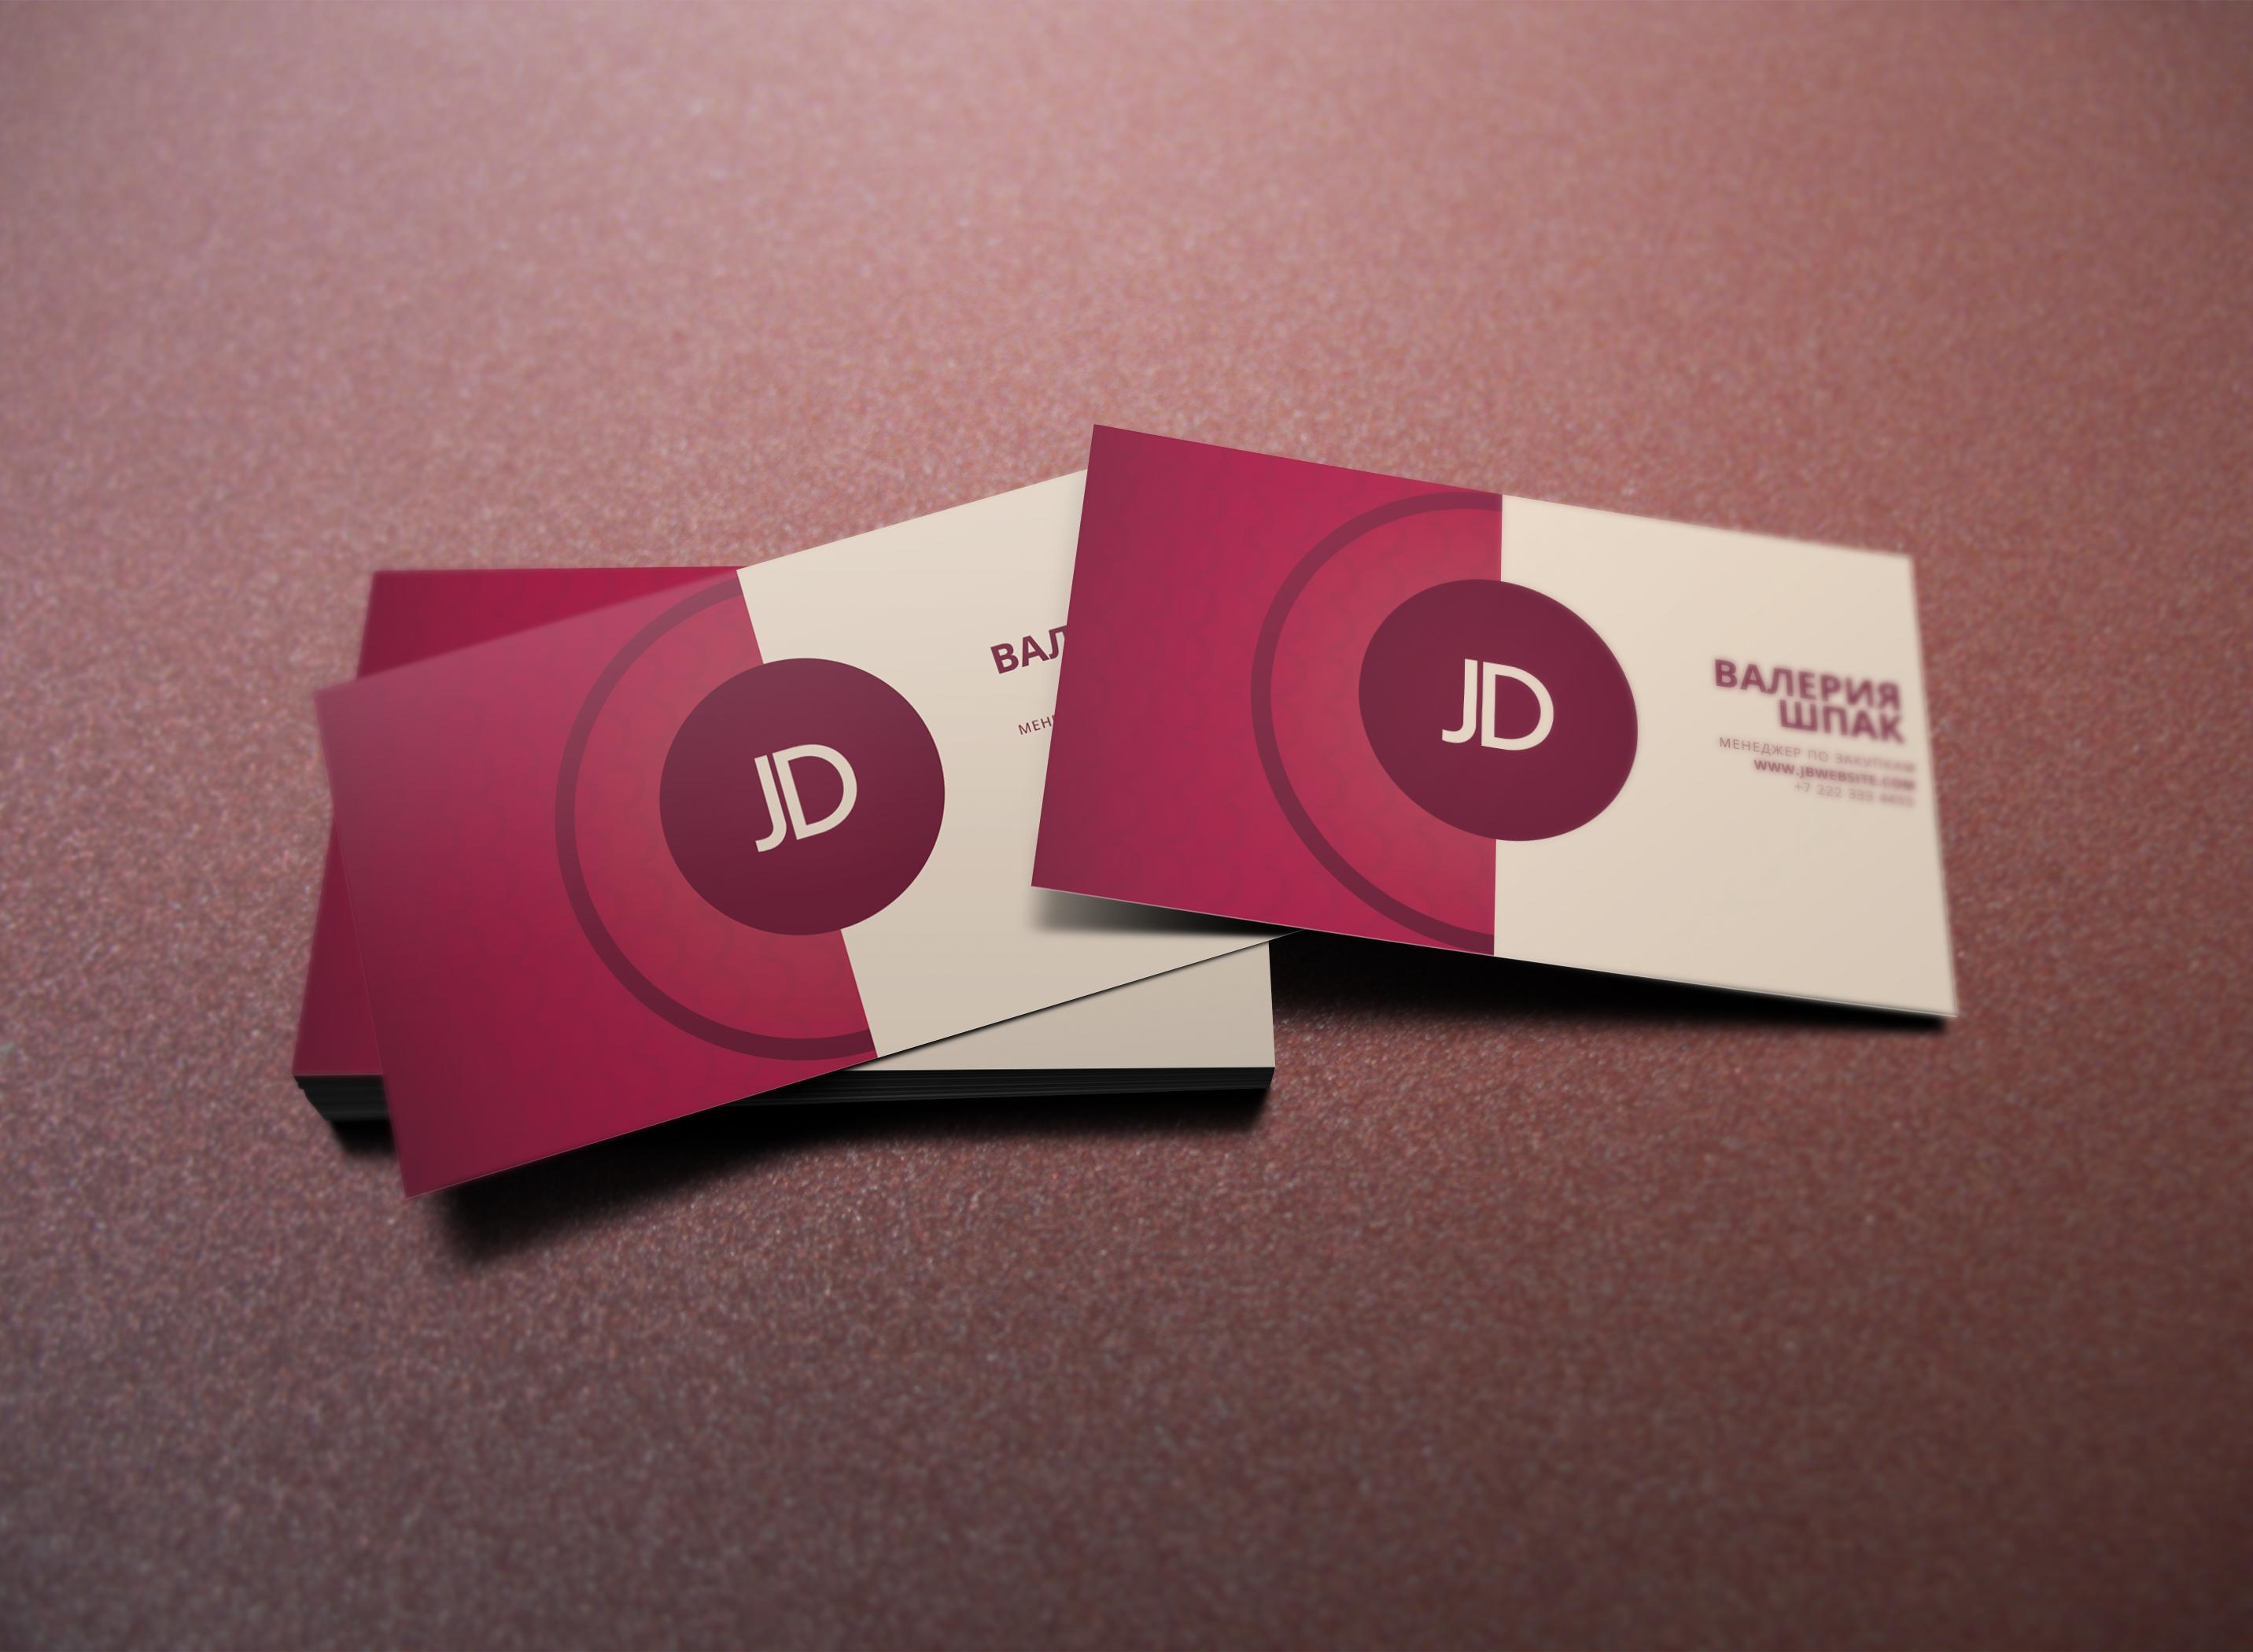 Как создать визитку: советы по дизайну, полезные сервисы 16